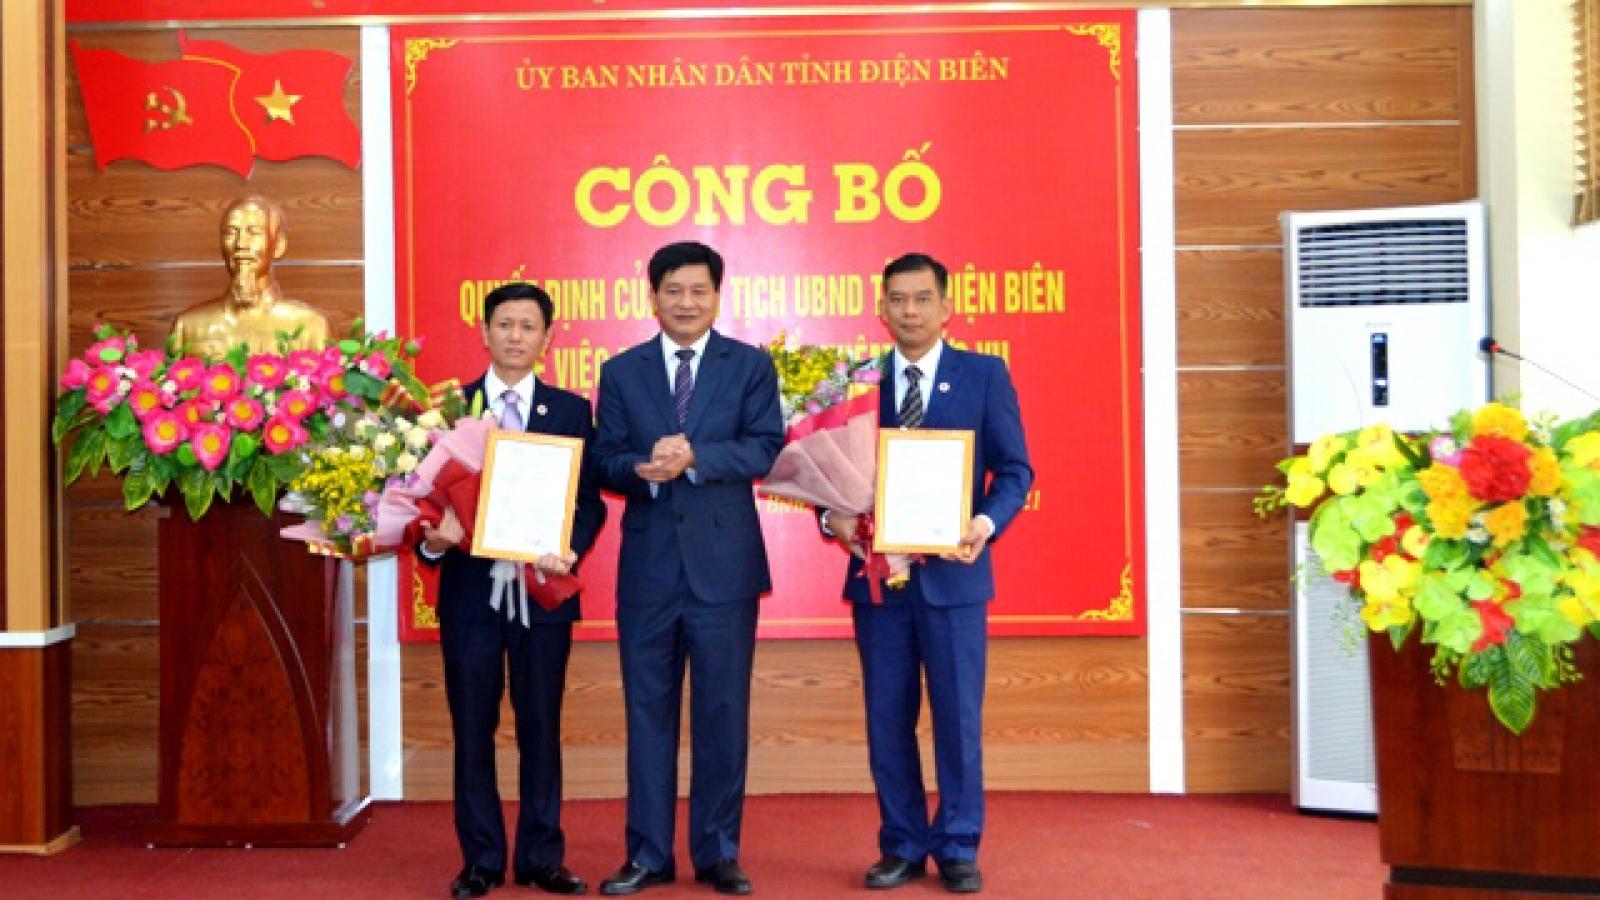 Trao quyết định bổ nhiệm nhân sự các sở, ngành của Điện Biên